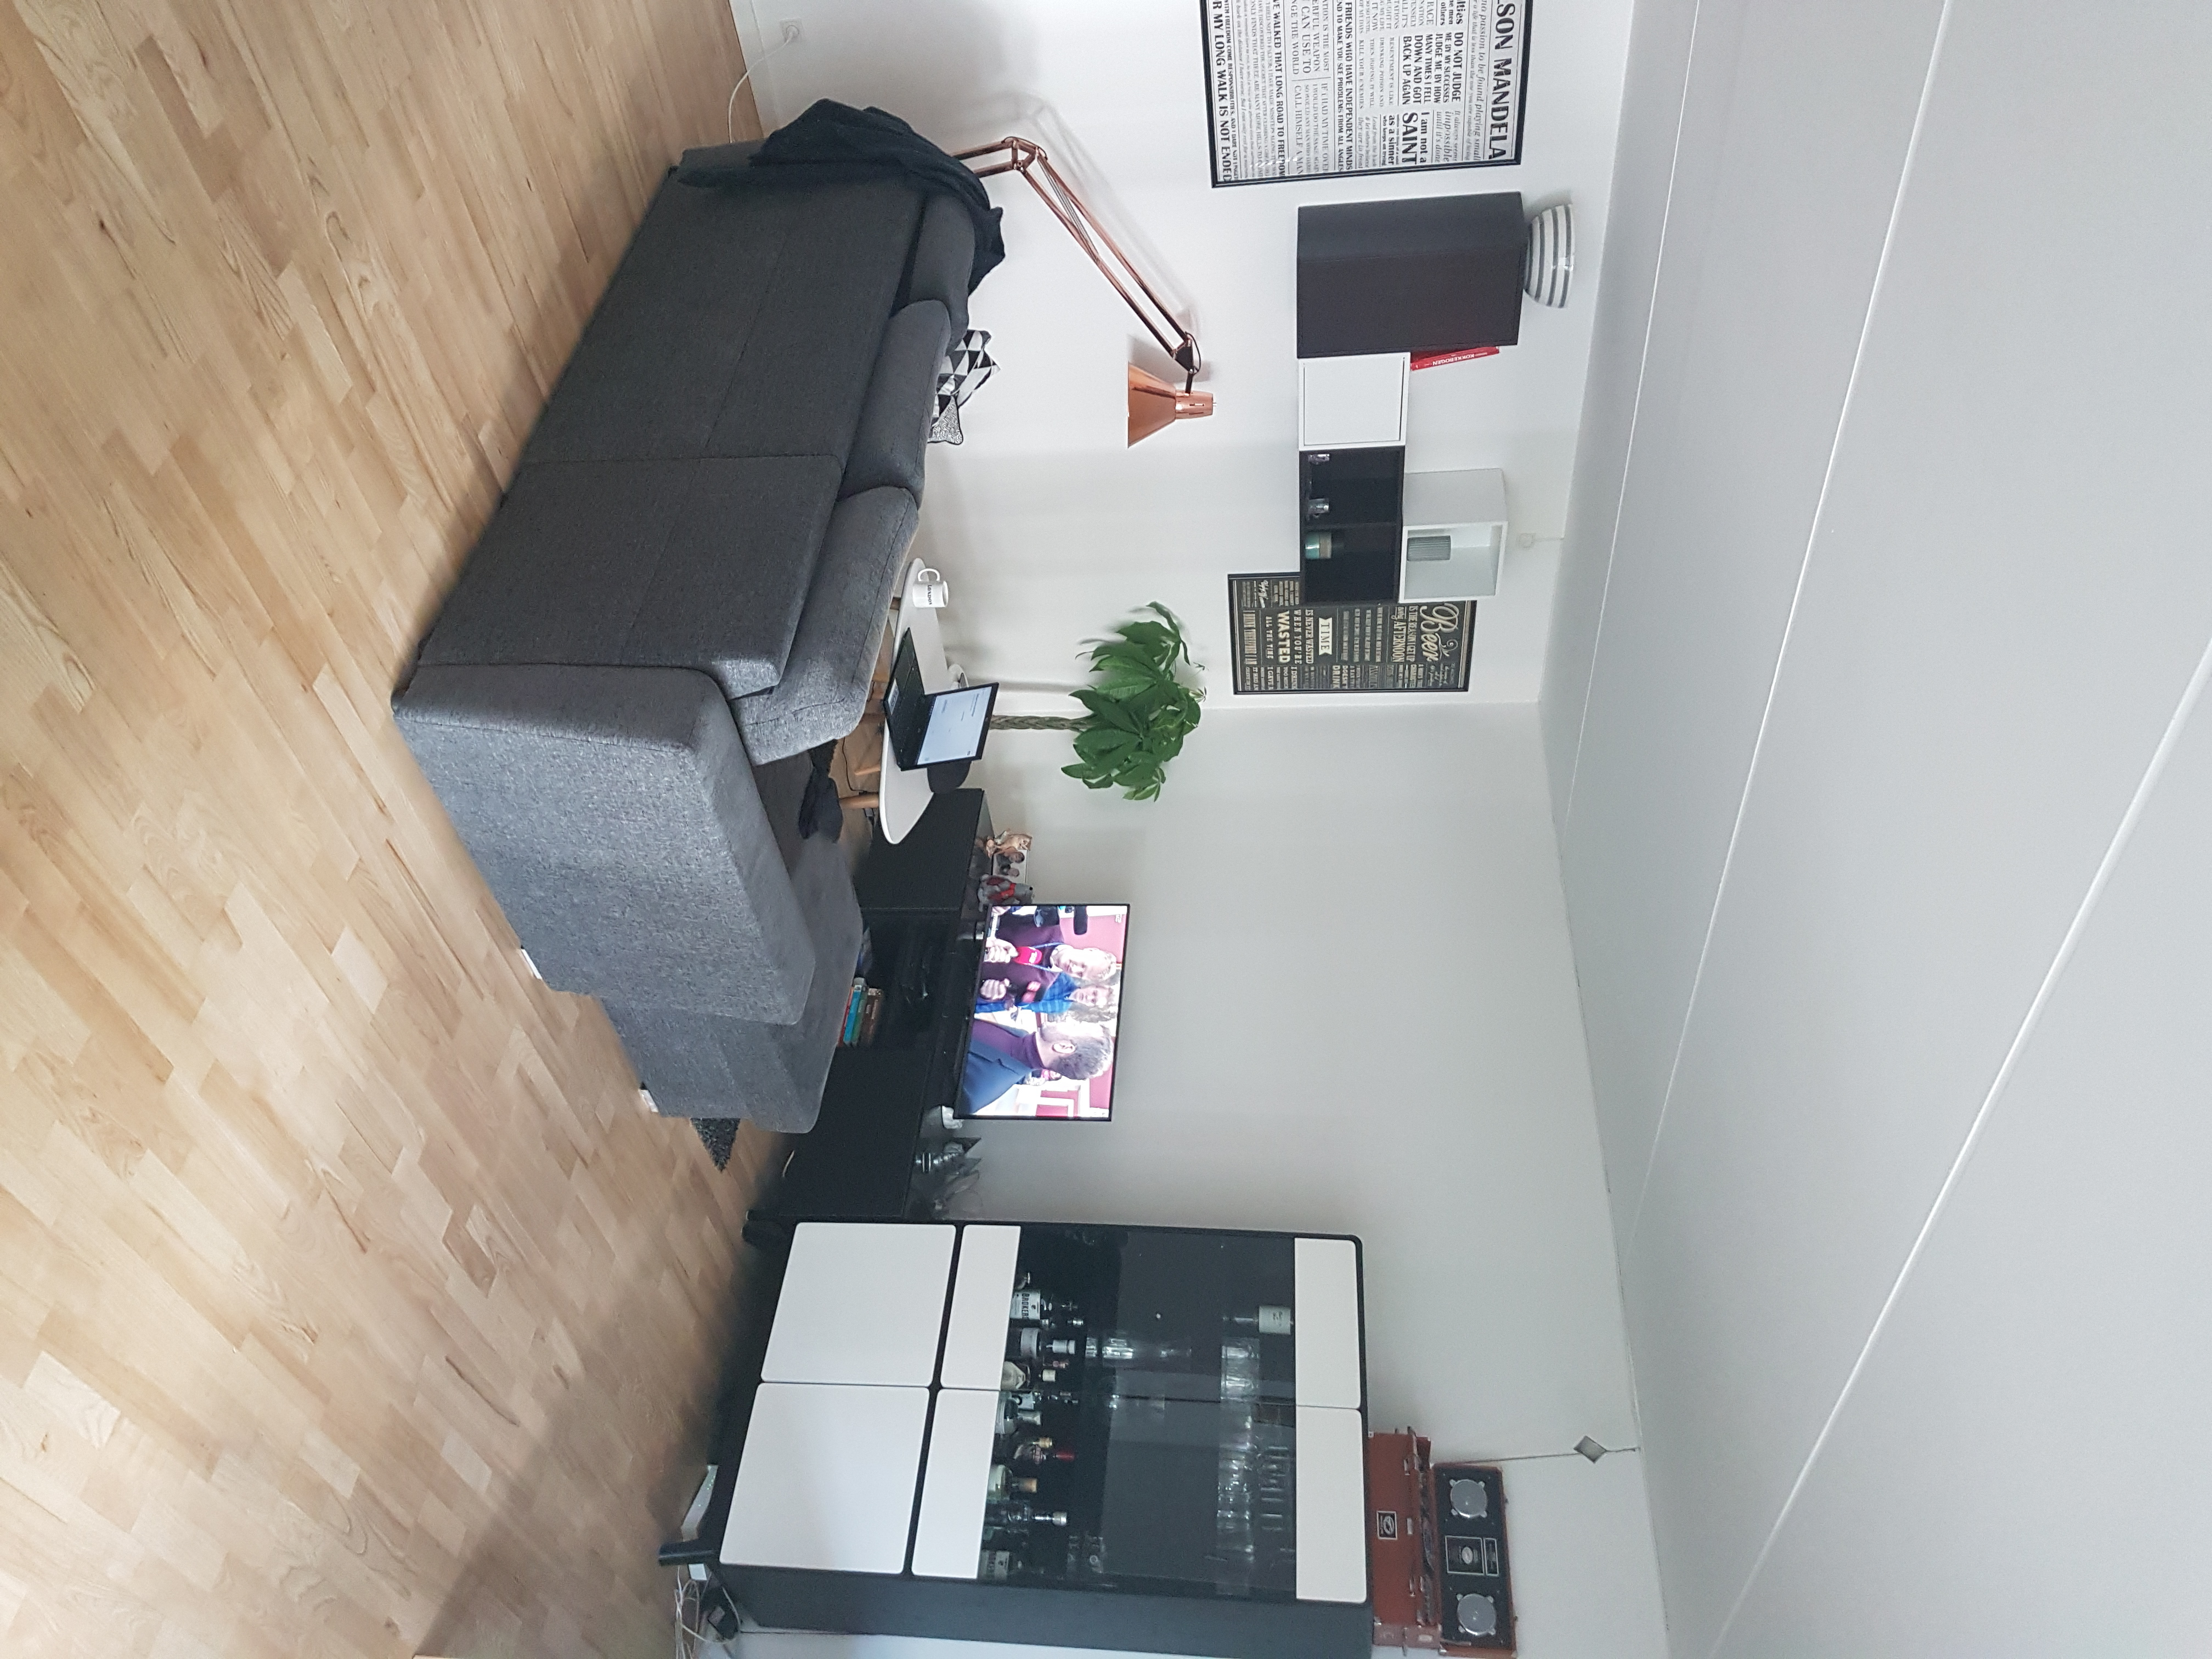 1 værelse tæt på centrum, deles med 1 i 88 kvm stor lejlighed med stor altan